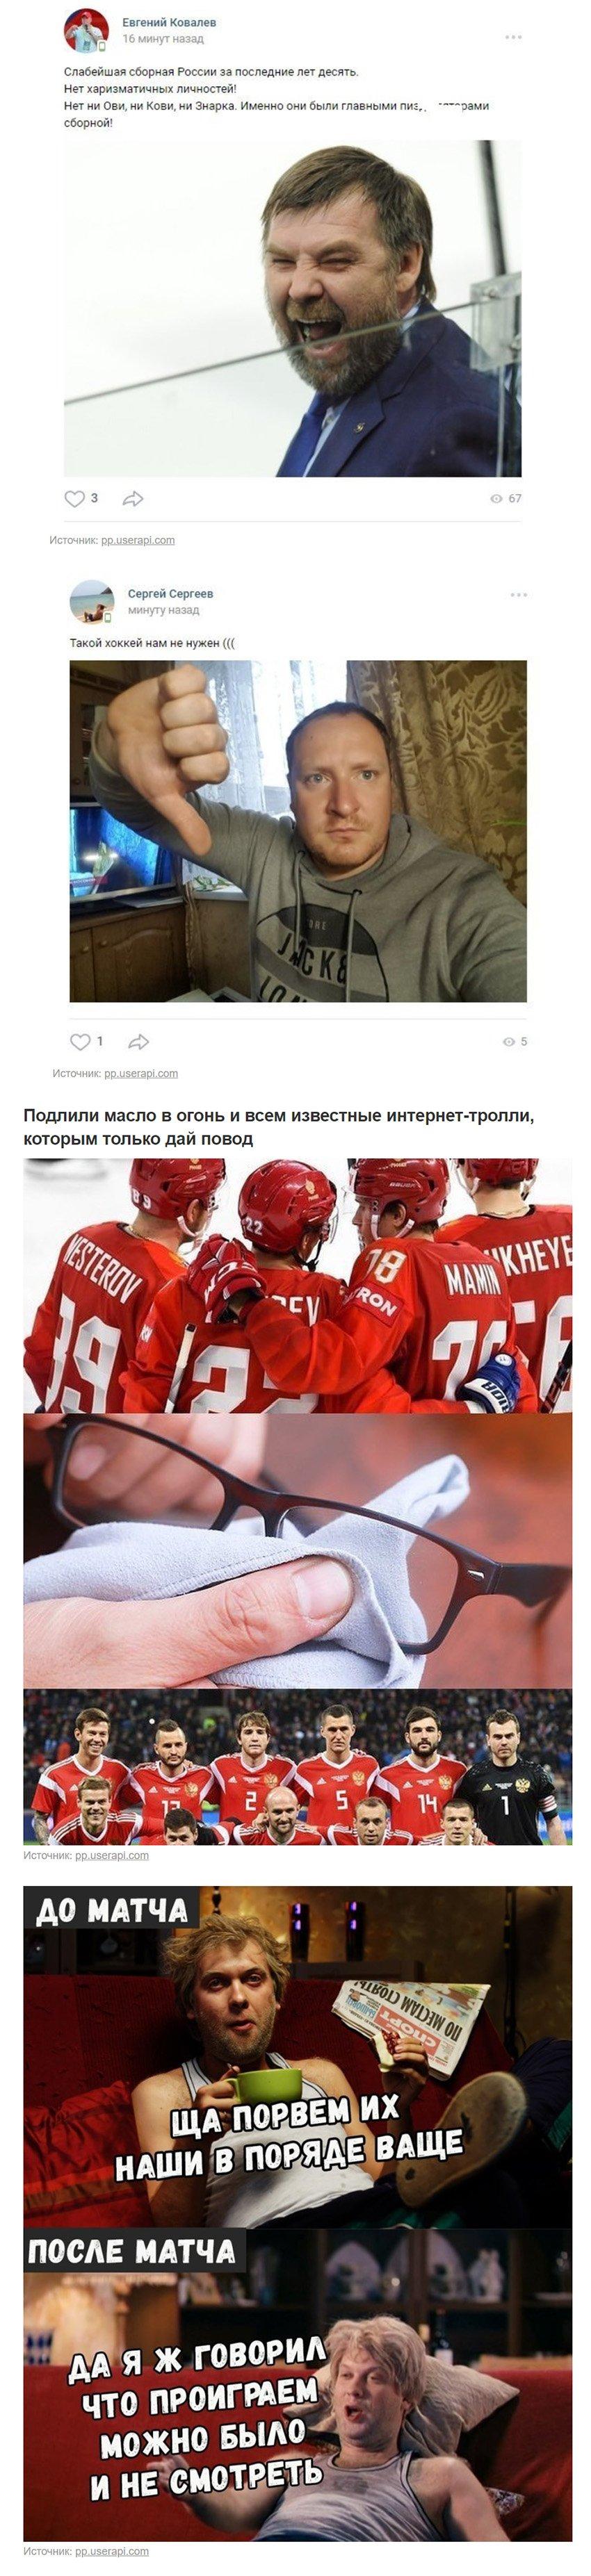 Проиграли, но достойно: реакция соцсетей на вылет сборной России по хоккею с ЧМ-2018